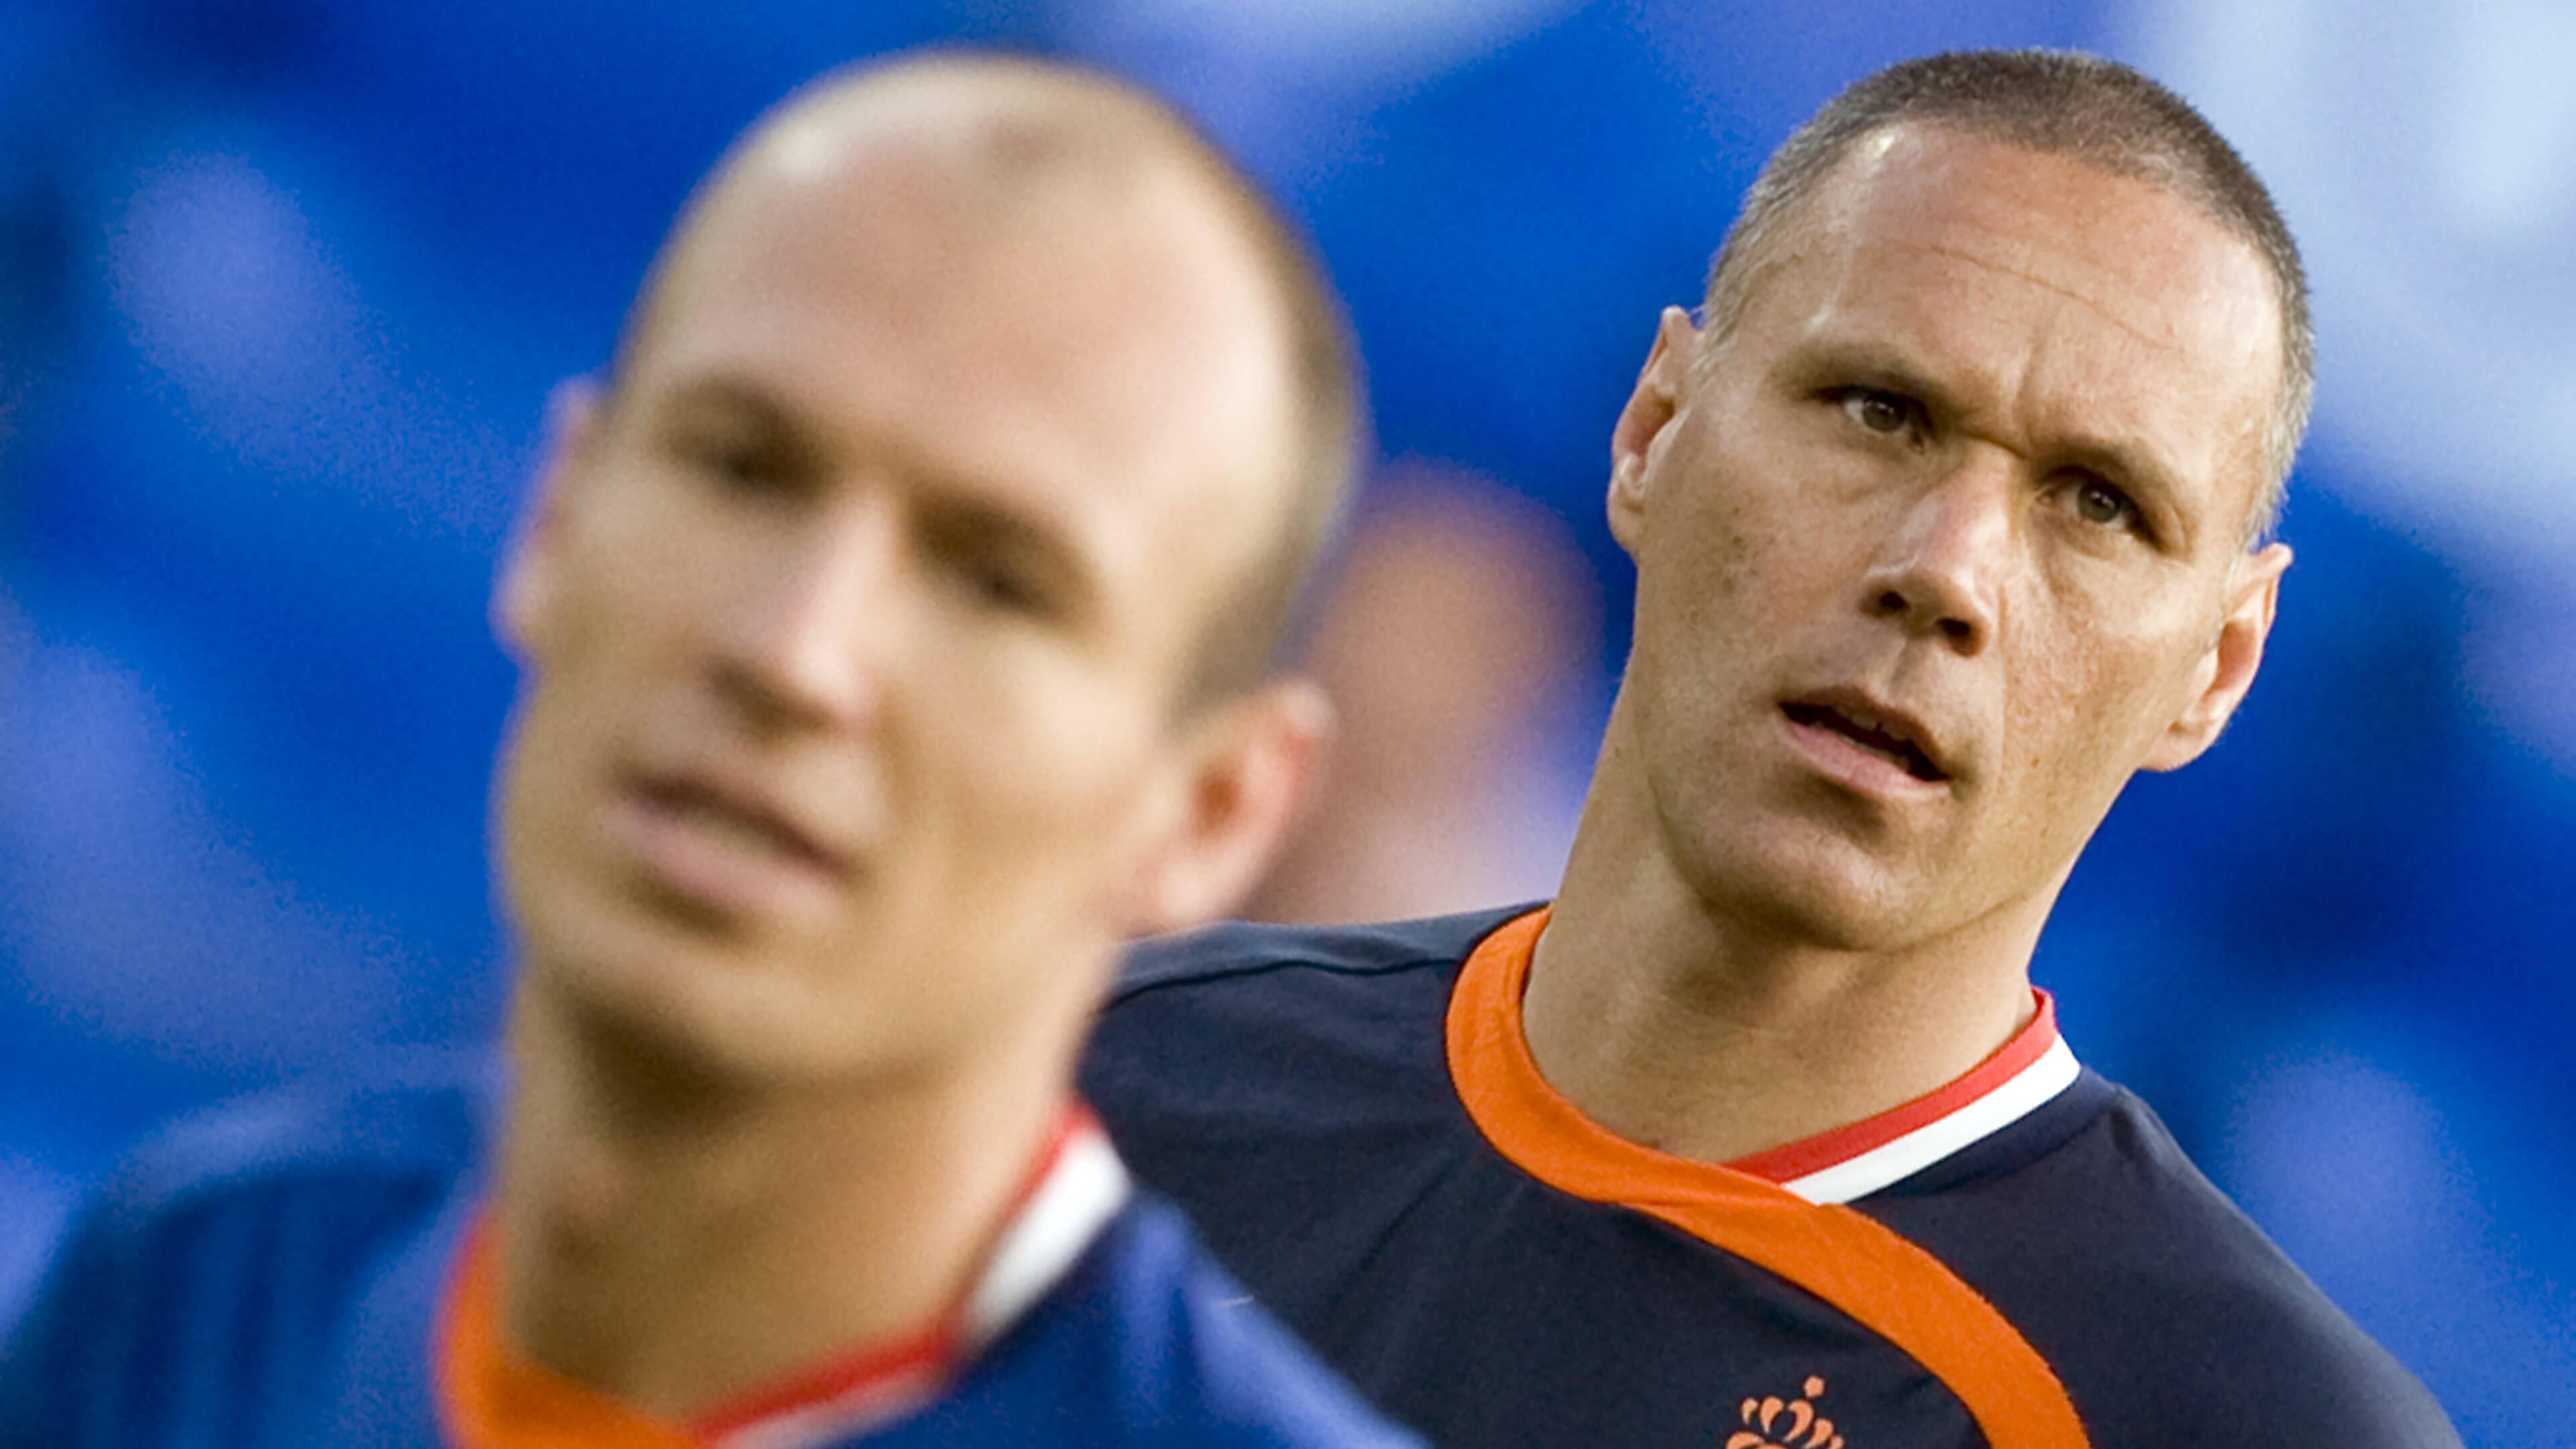 EK 2008: 'Uitslagen Oranje indrukwekkend, maar geven ook vertekend beeld' | NOS